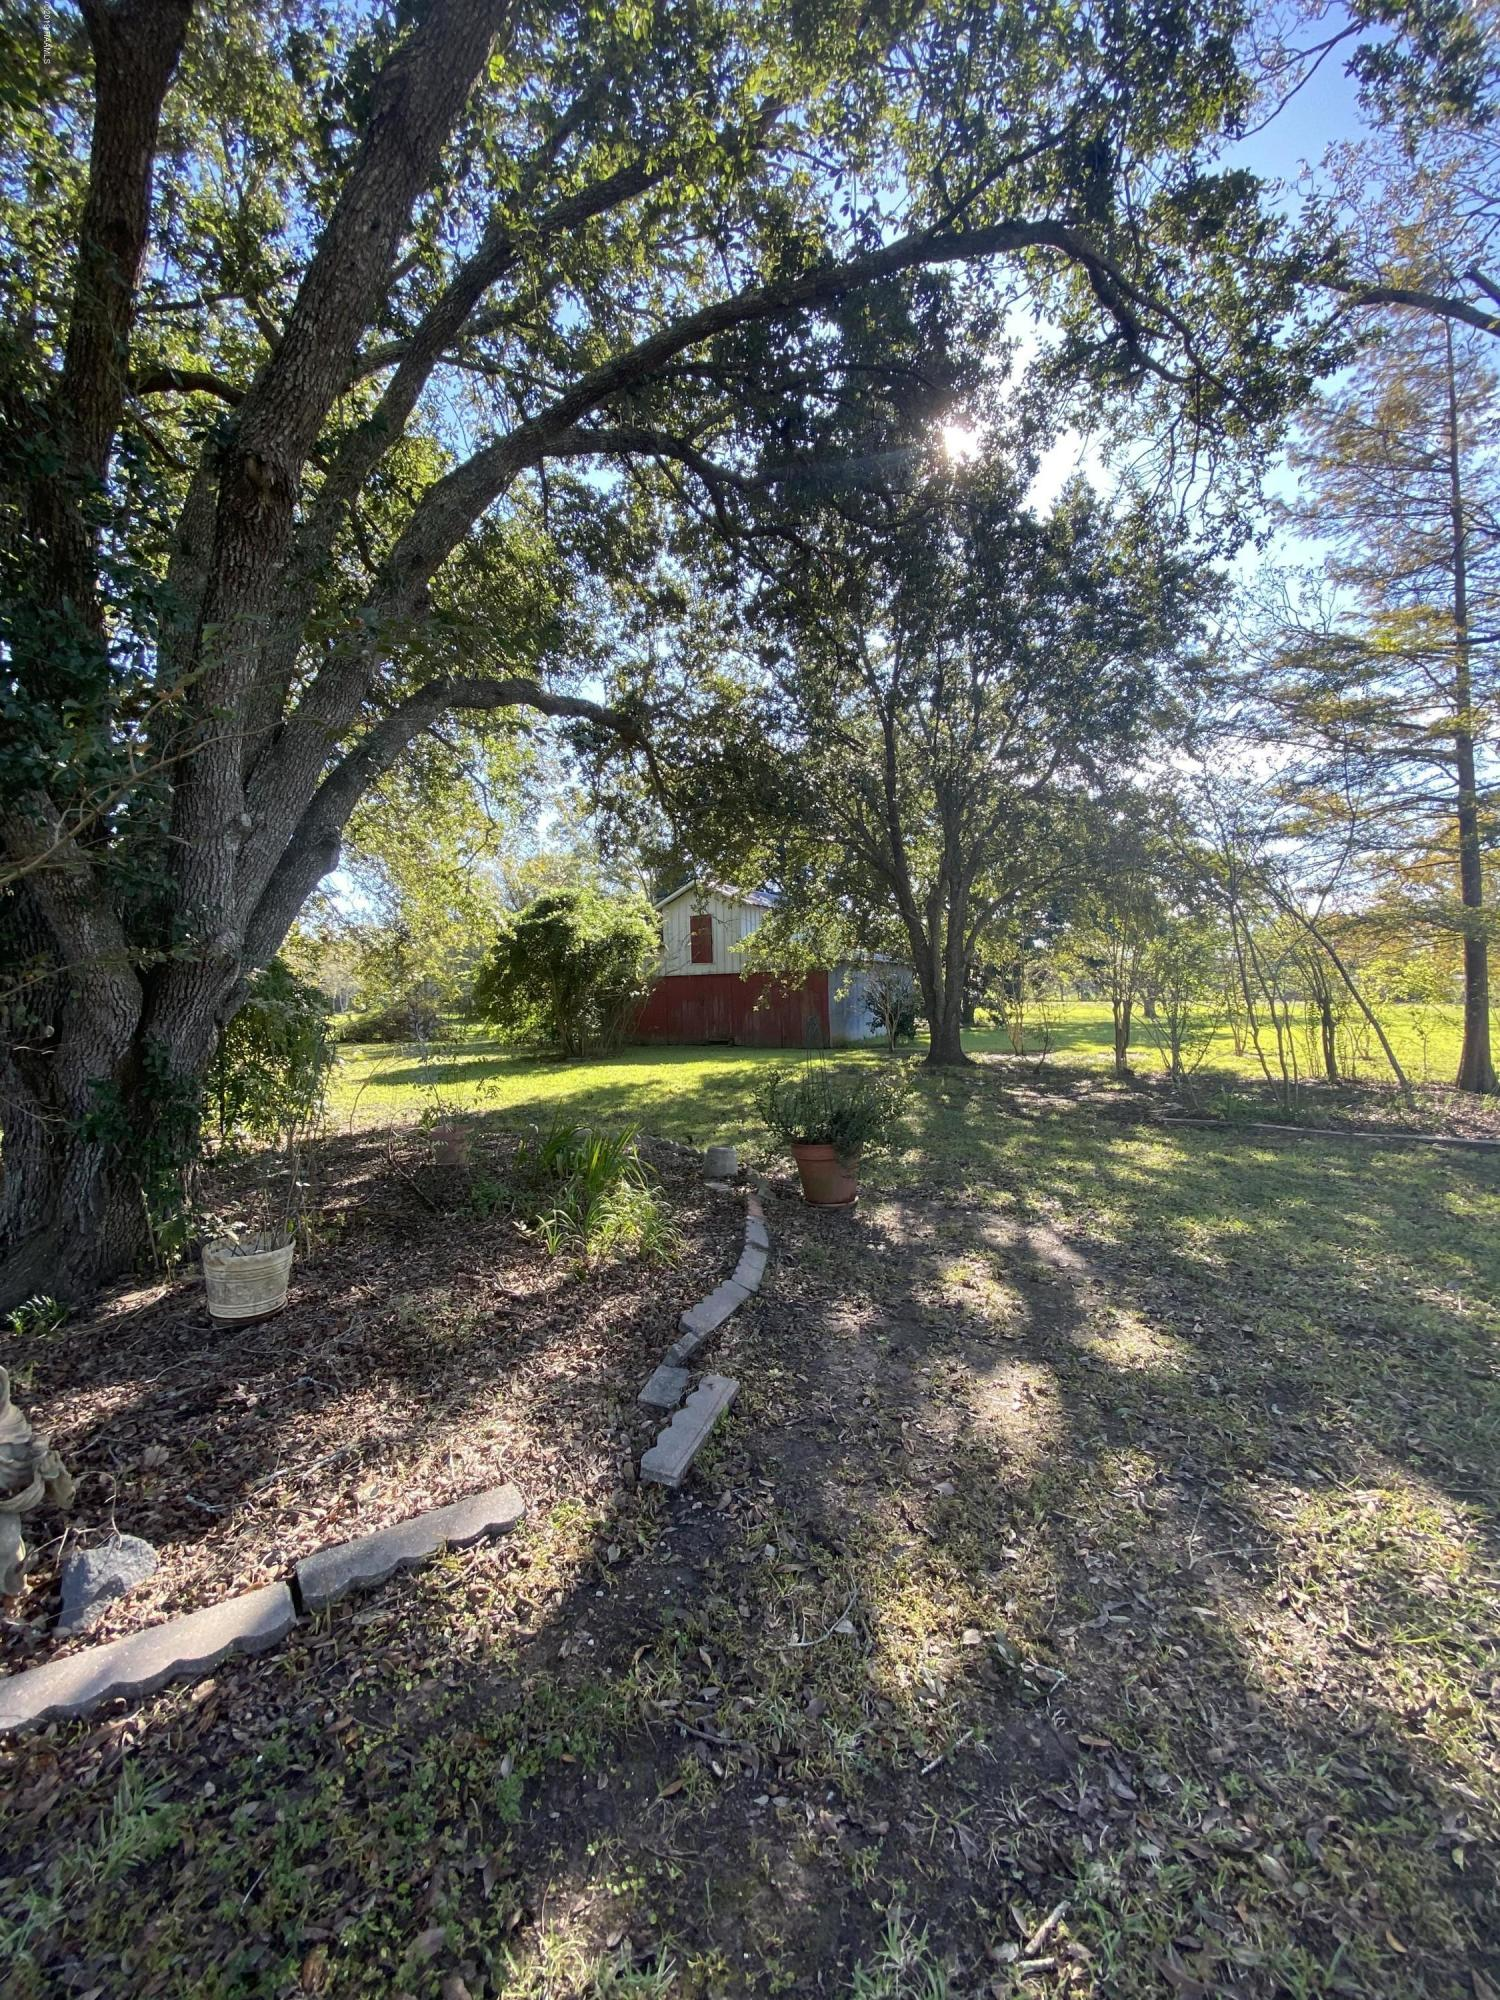 1145 Begnaud Rd Road, Arnaudville, LA 70512 Photo #7